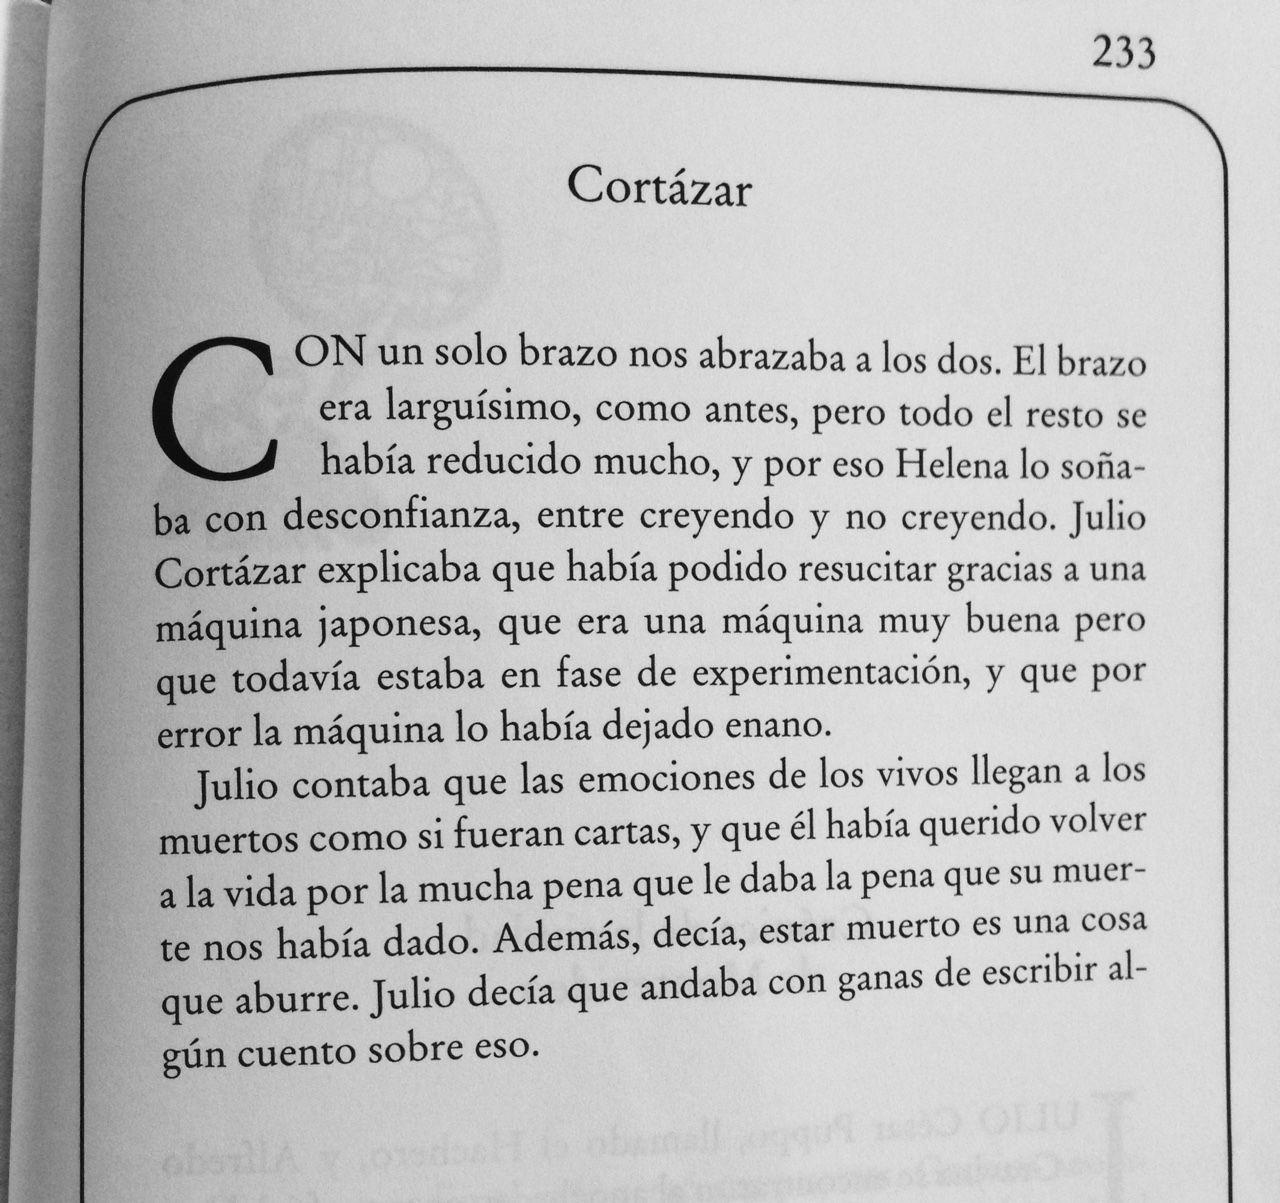 El libro de los abrazos, Eduardo Galeano sobre Cortázar